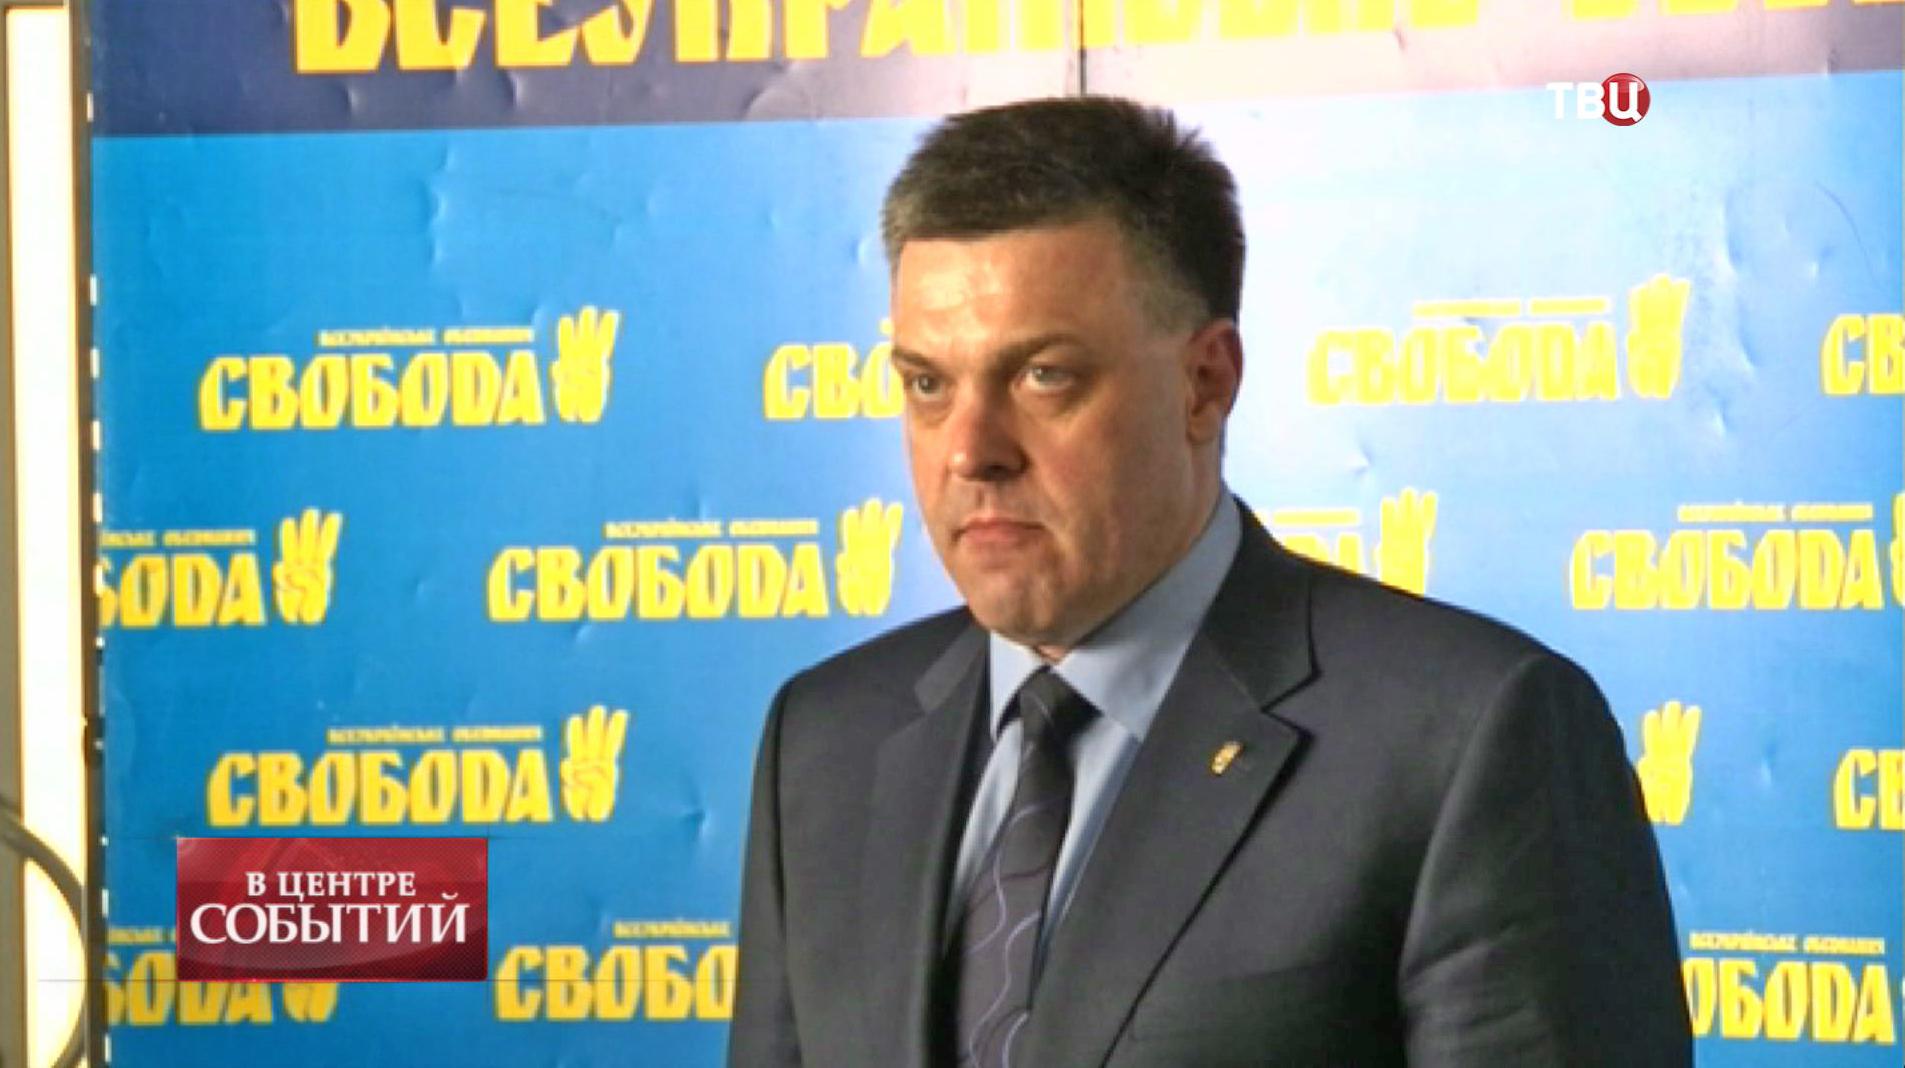 Кандидат в президенты Украины Олег Тягнибок